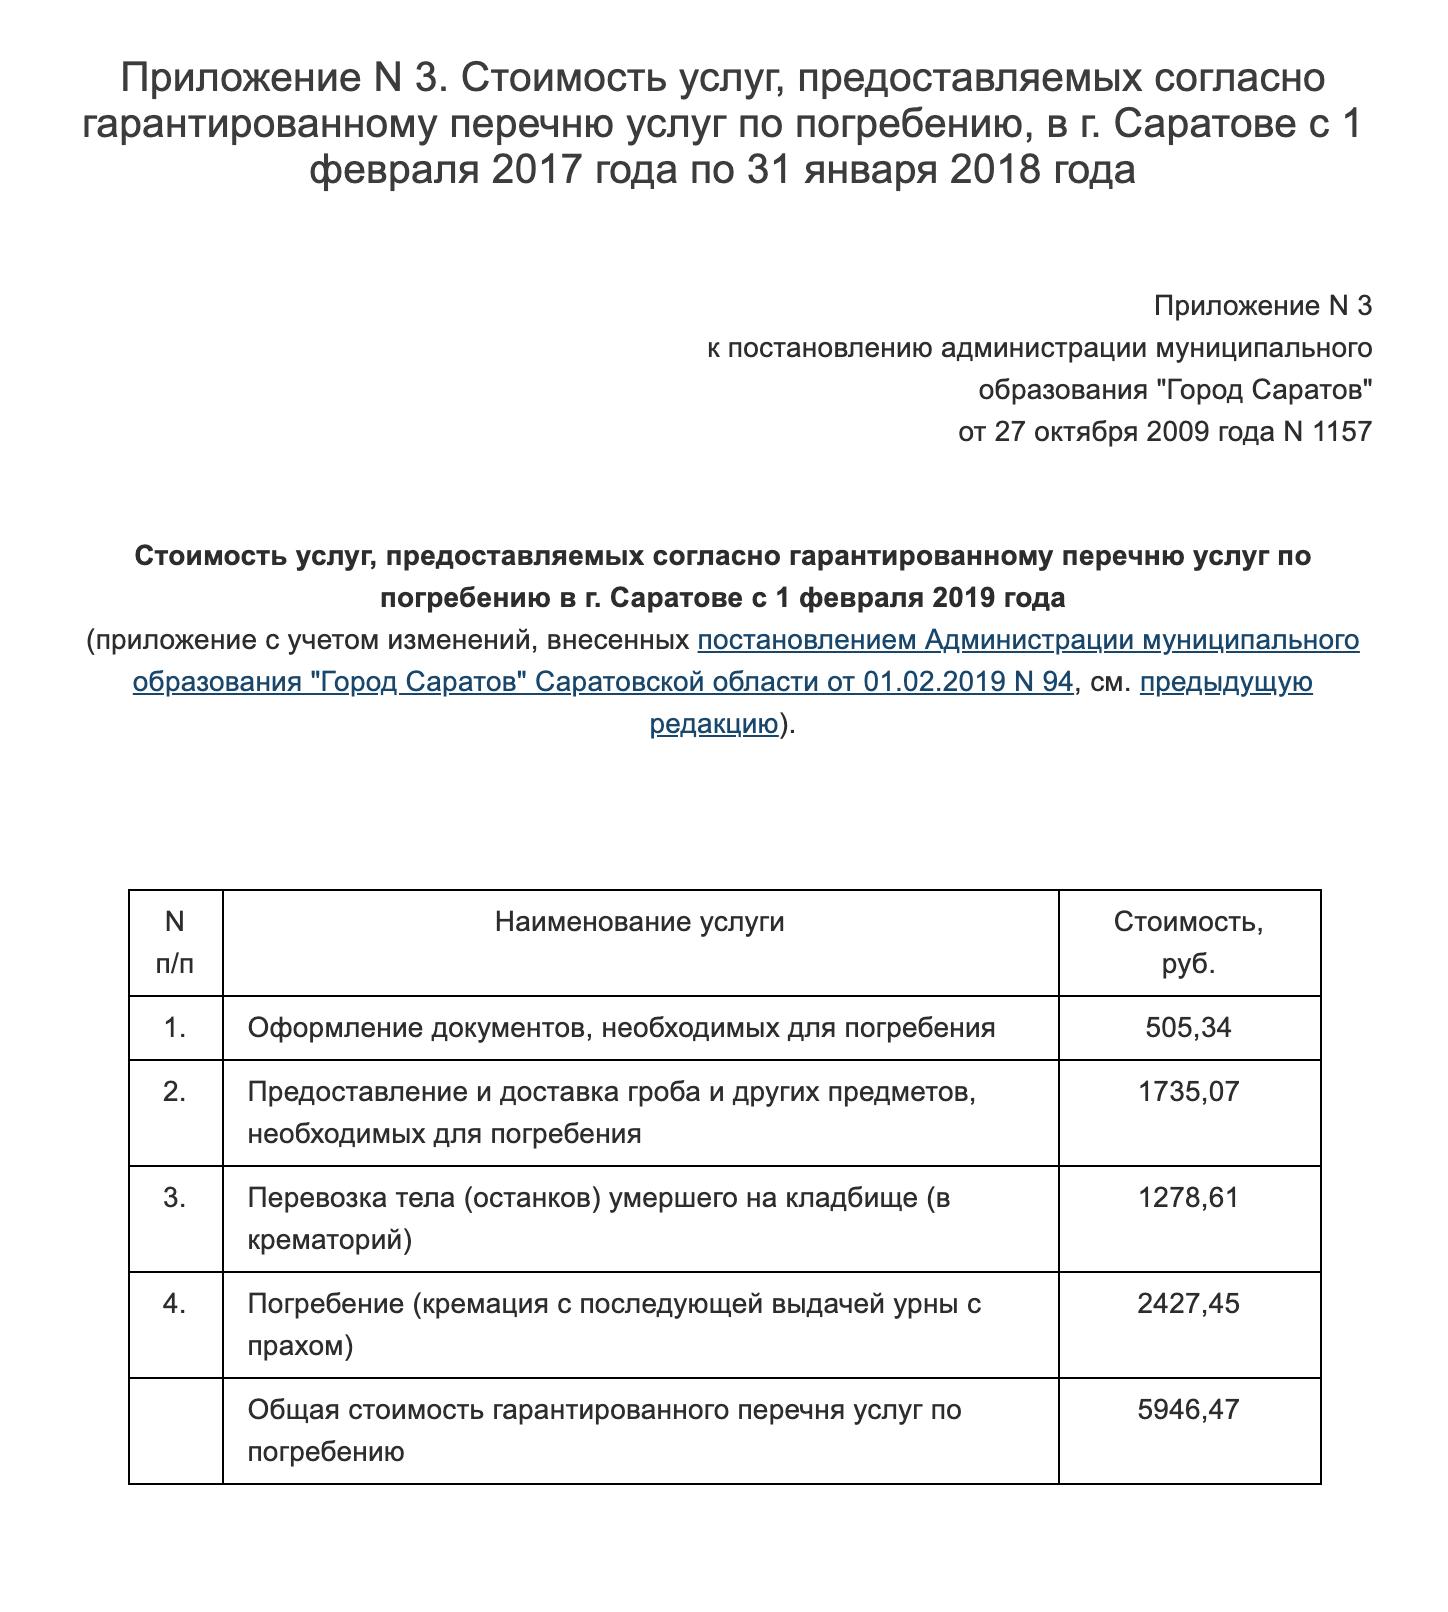 В Саратове, где я живу, стоимость гарантированного перечня на 2019{amp}amp;nbsp;год — 5946{amp}amp;nbsp;рублей, а сам перечень тоже краткий